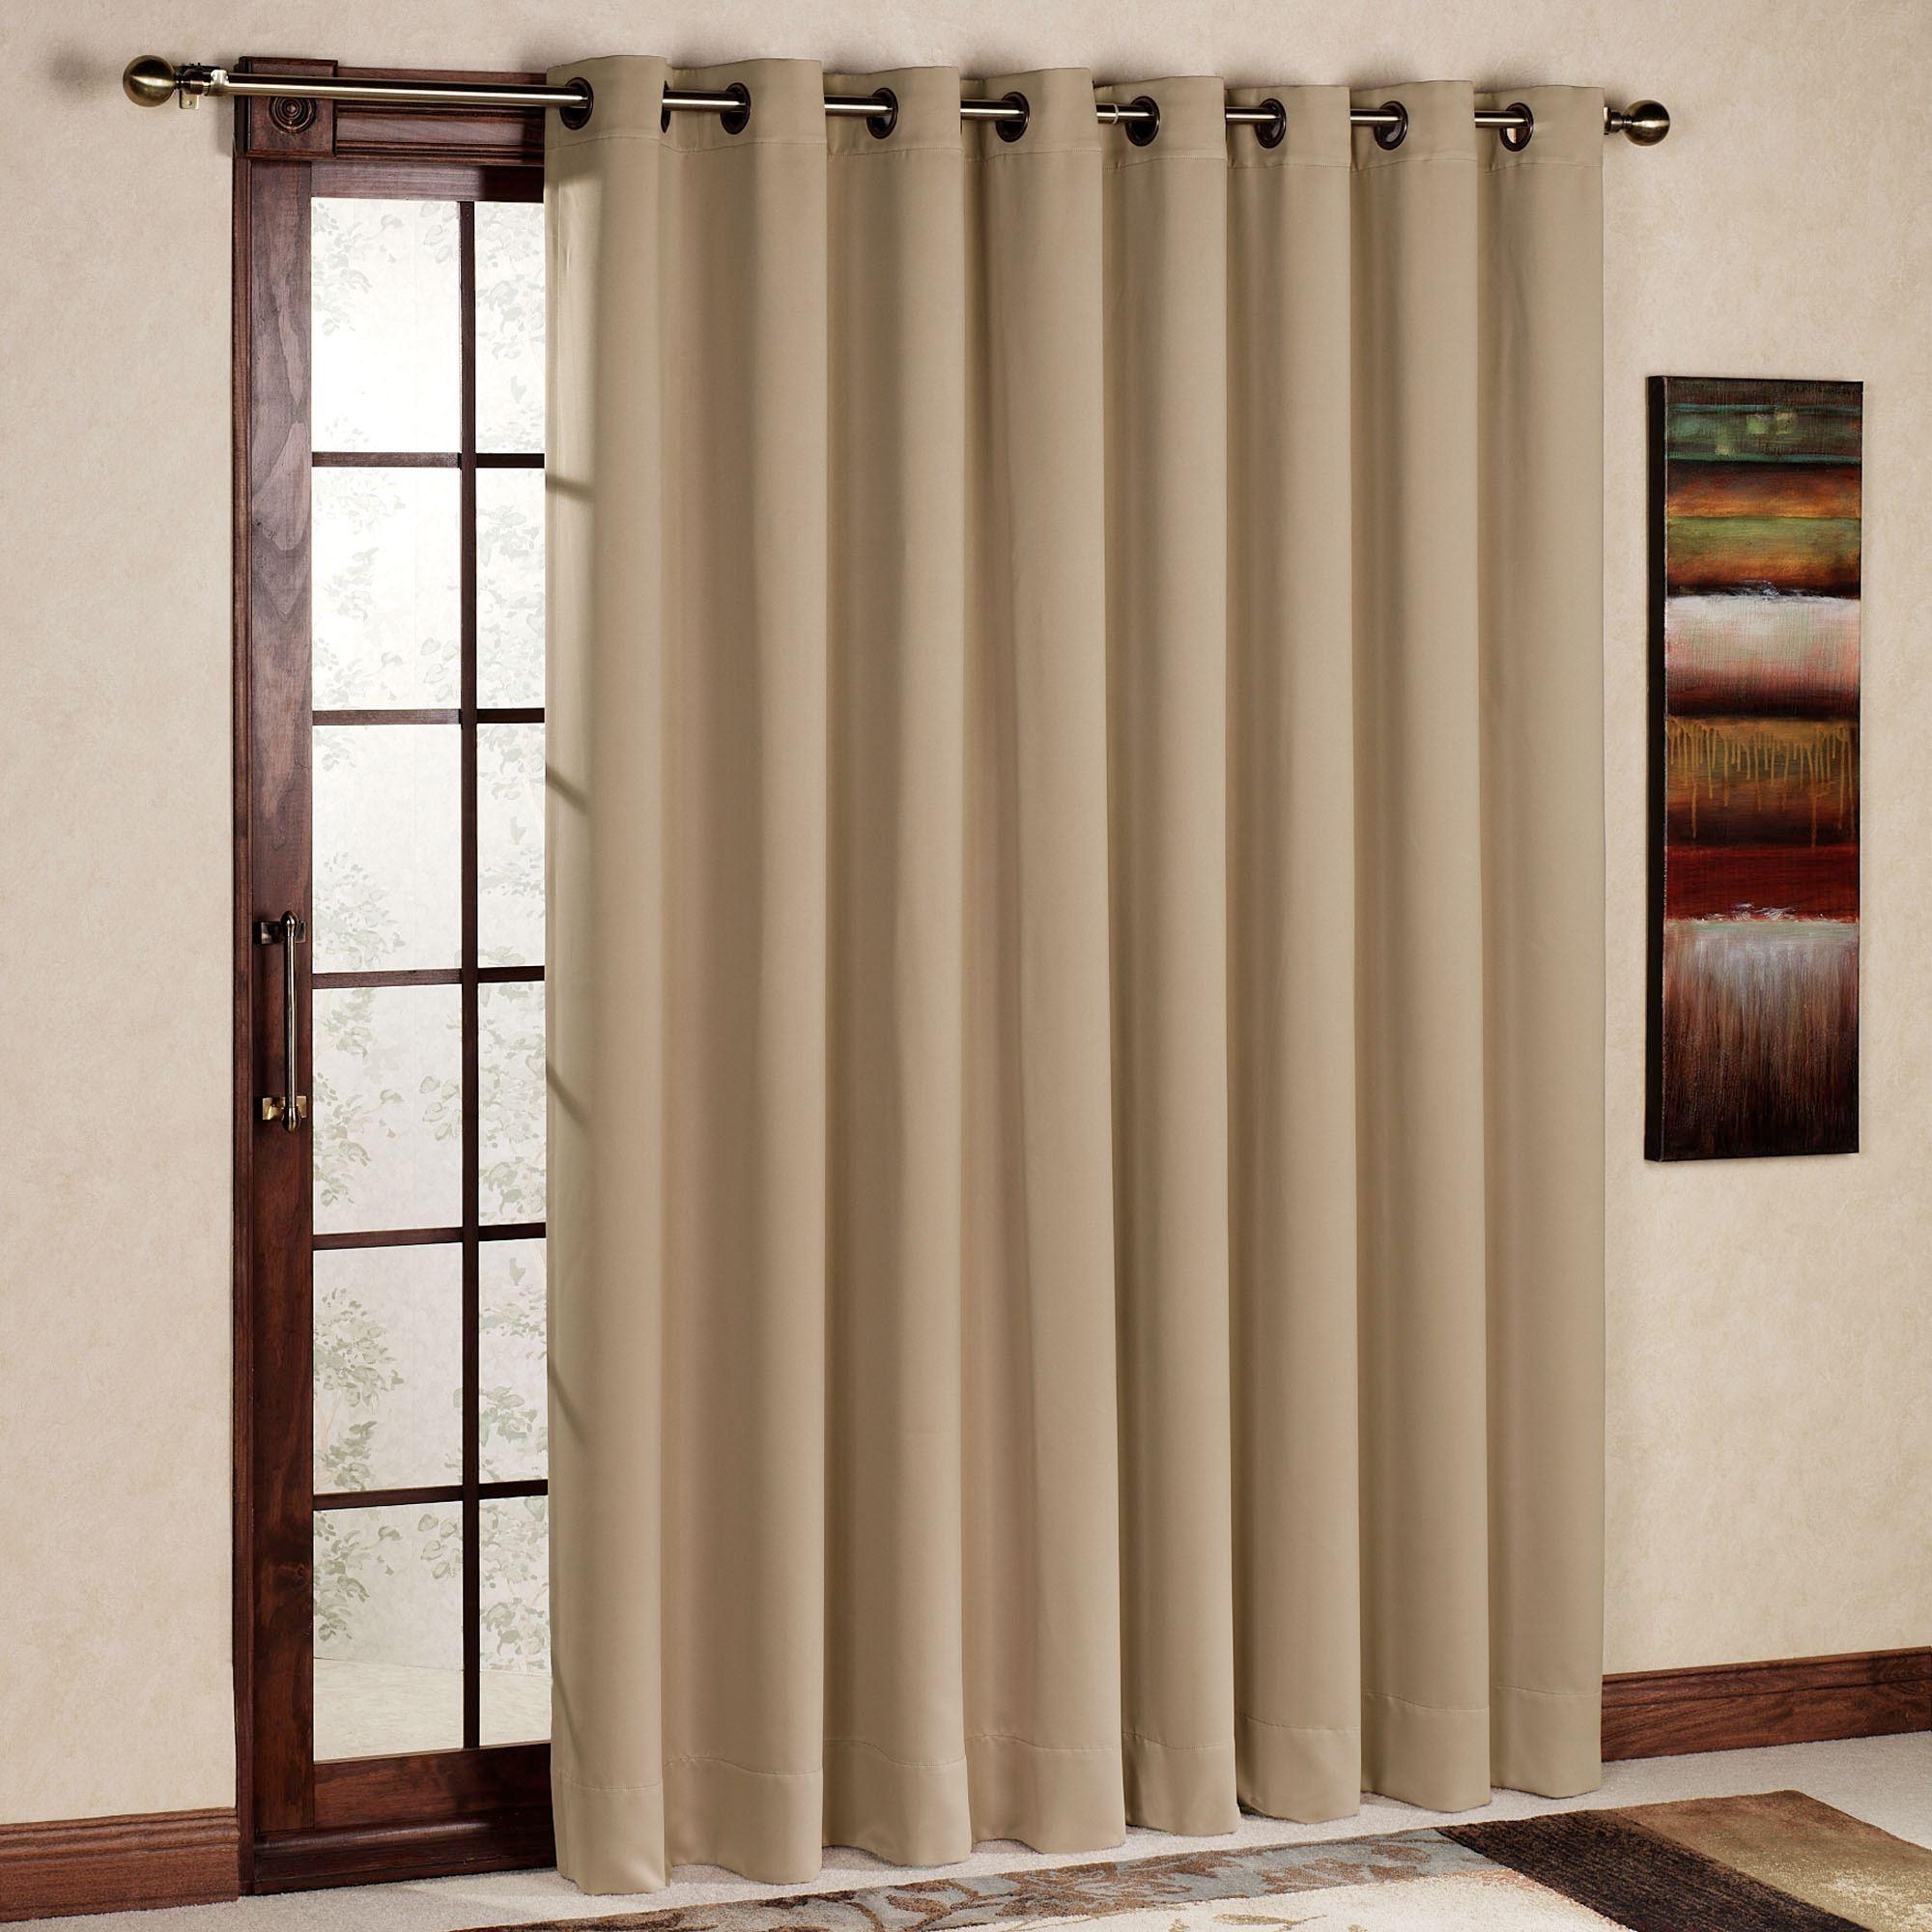 Drapes For Sliding Glass Doors Homedrapes for sliding glass doors patio door curtain panels touch of